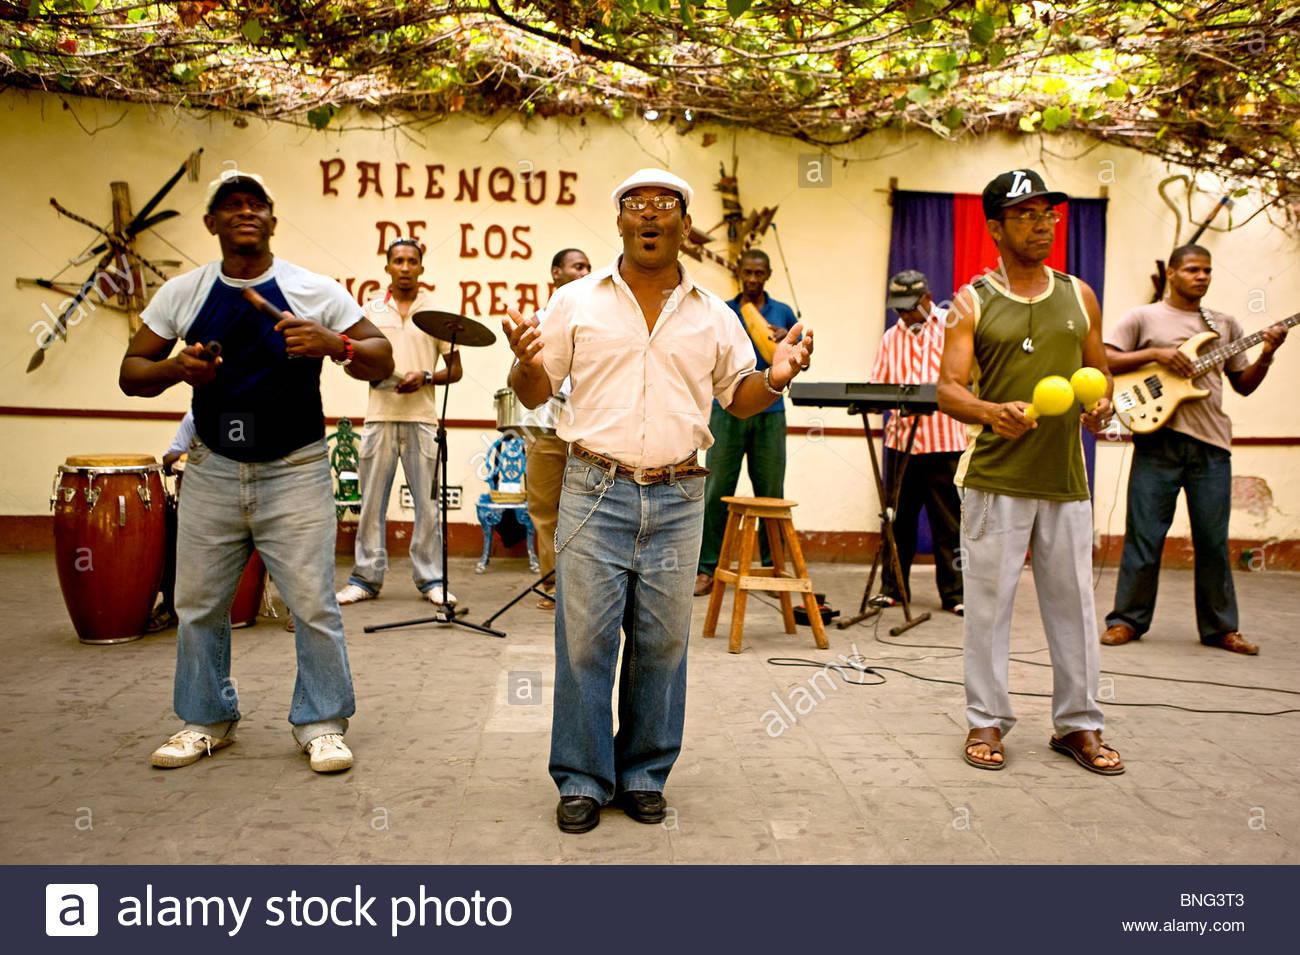 Club-Palenque de Los Congos Reales, Trinidad, Kuba Stockbild